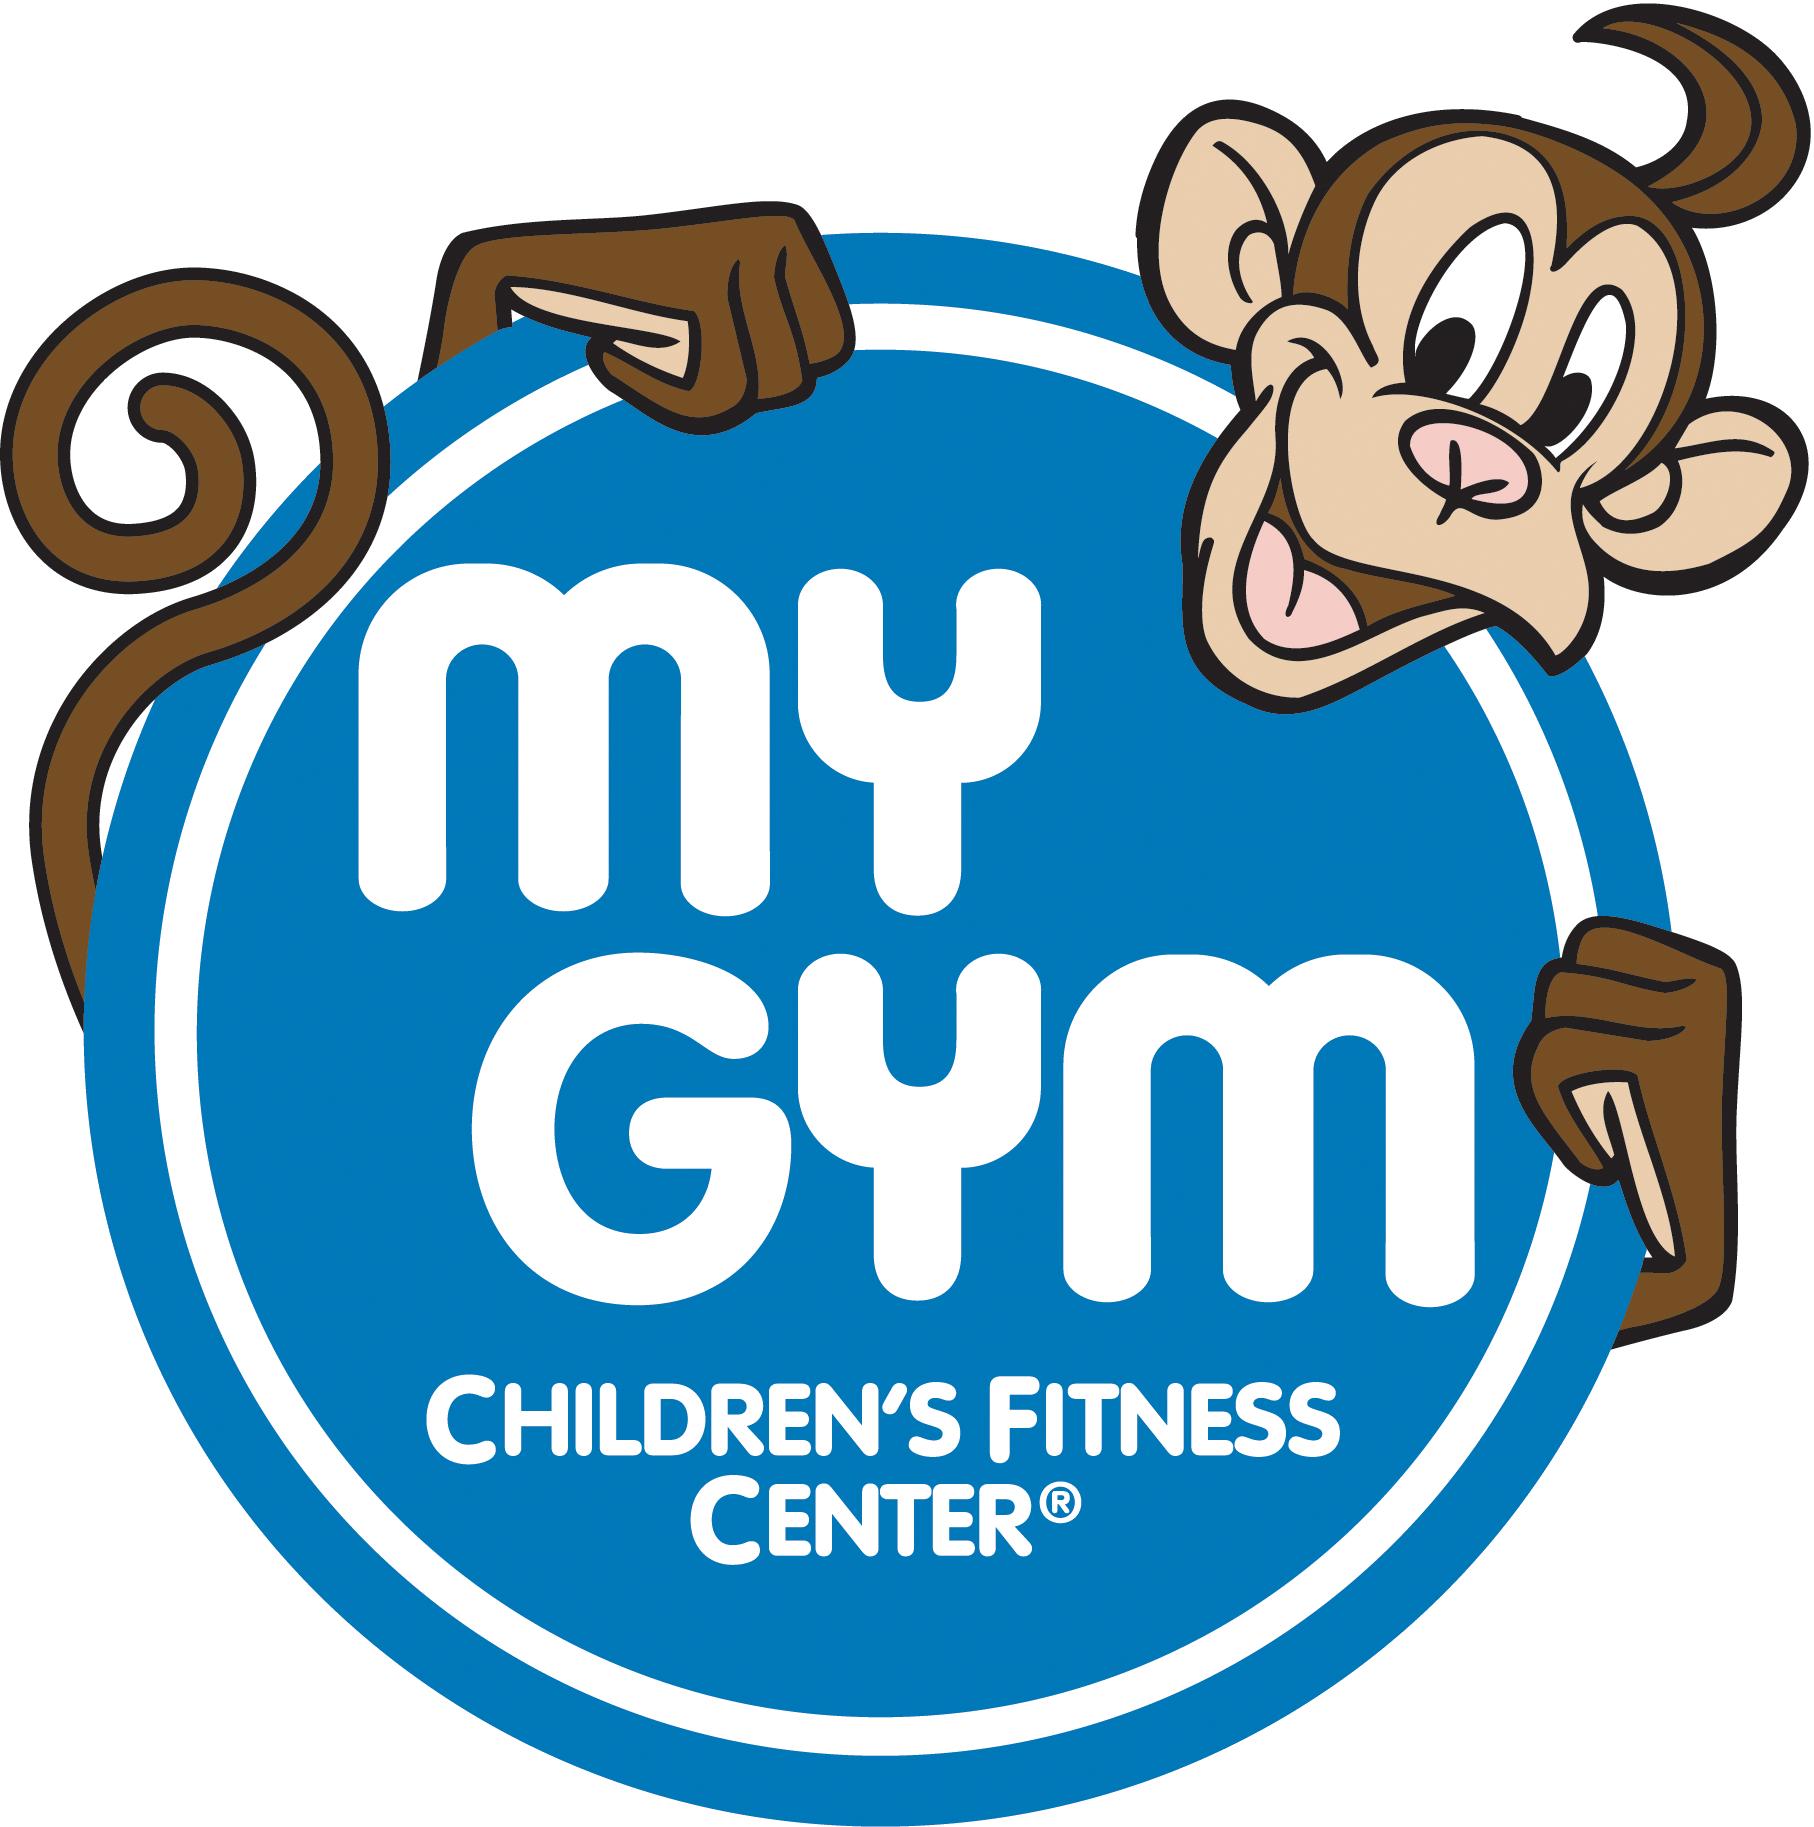 Gym clipart gym logo. My color transparent high